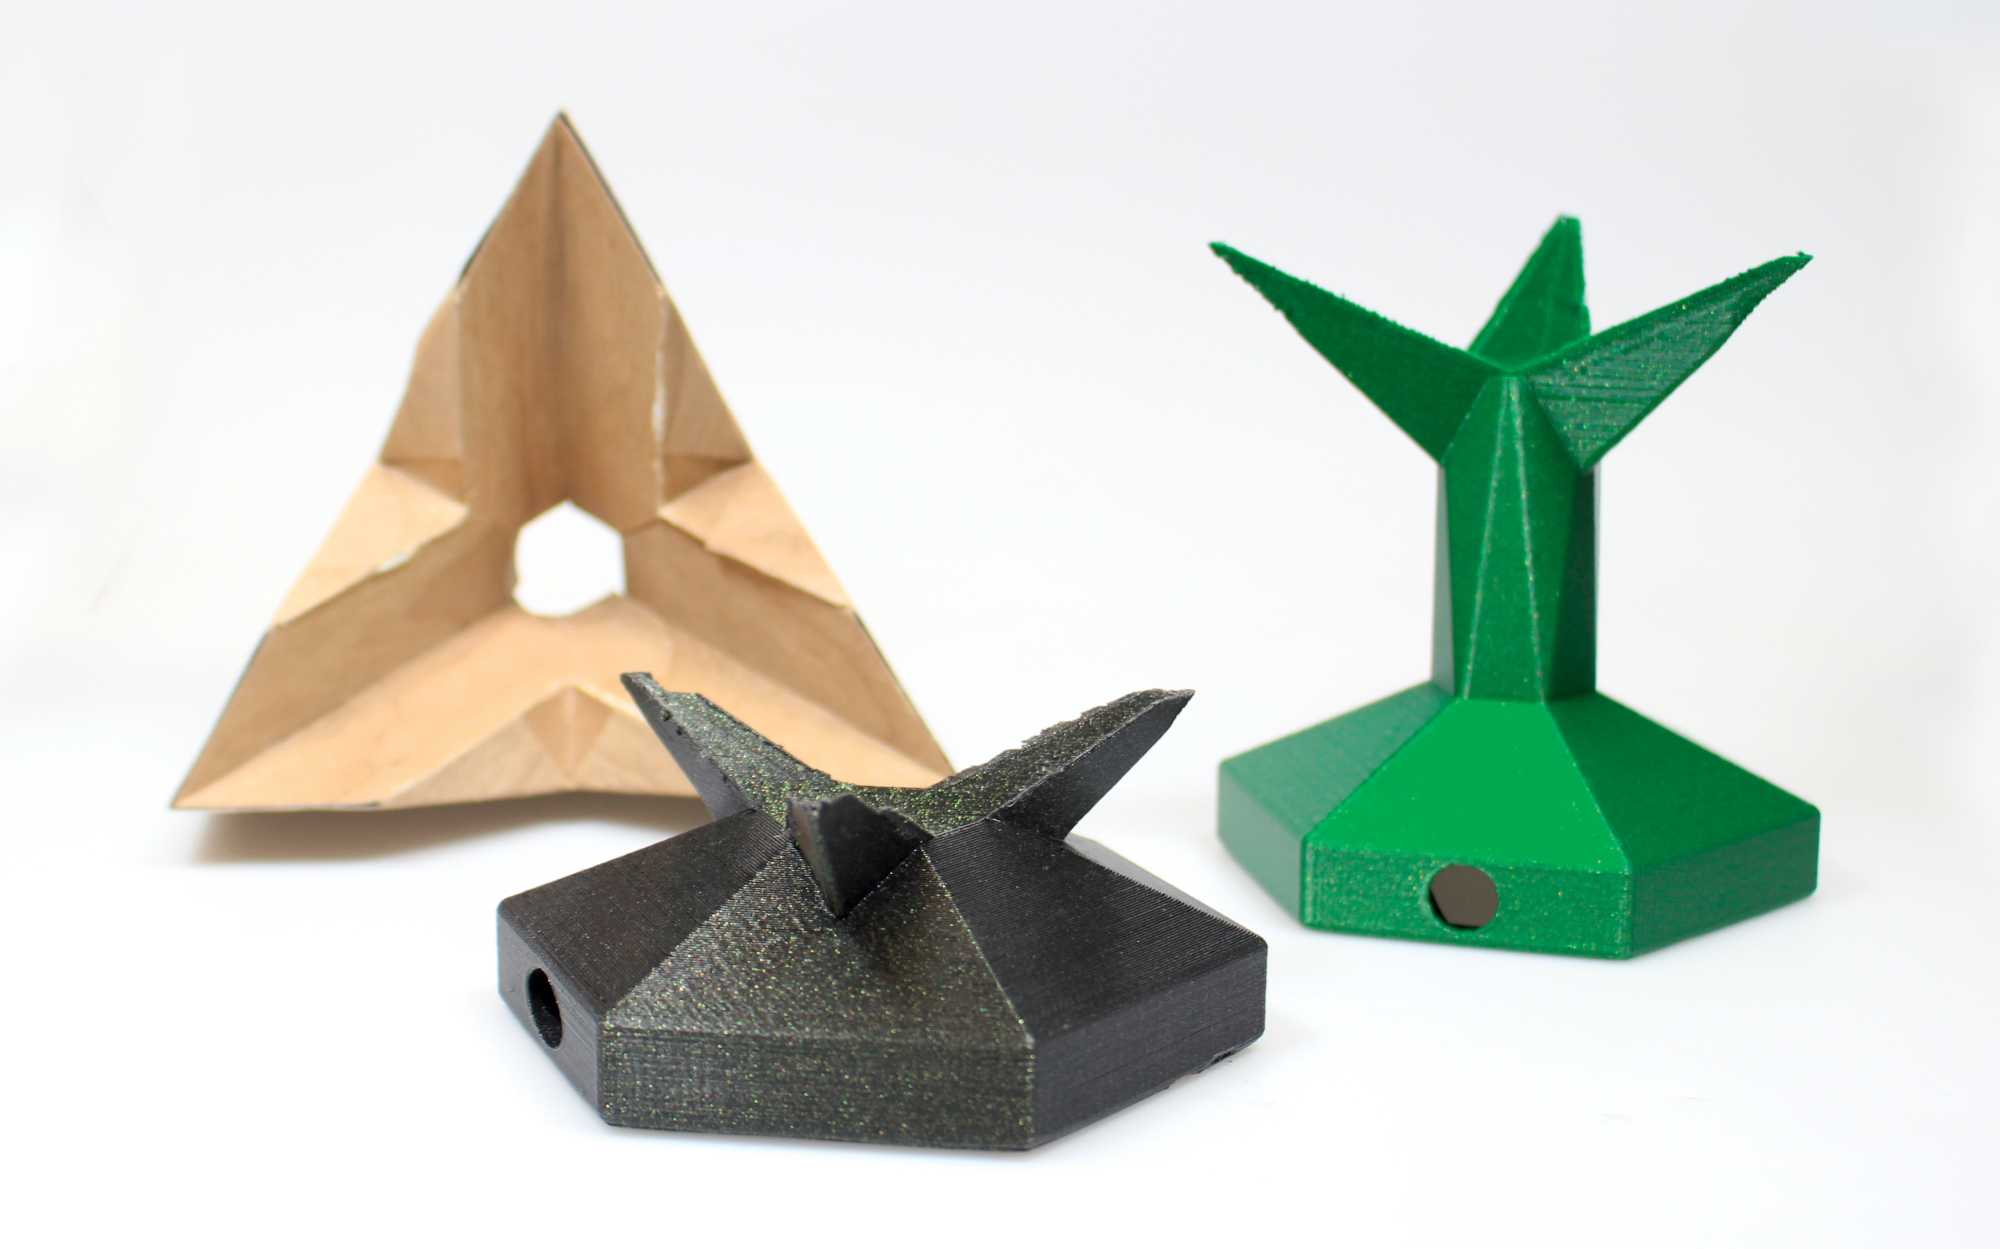 Drei Sockelvarianten für den Unendlichkeitswürfel aus dem 3D-Drucker.